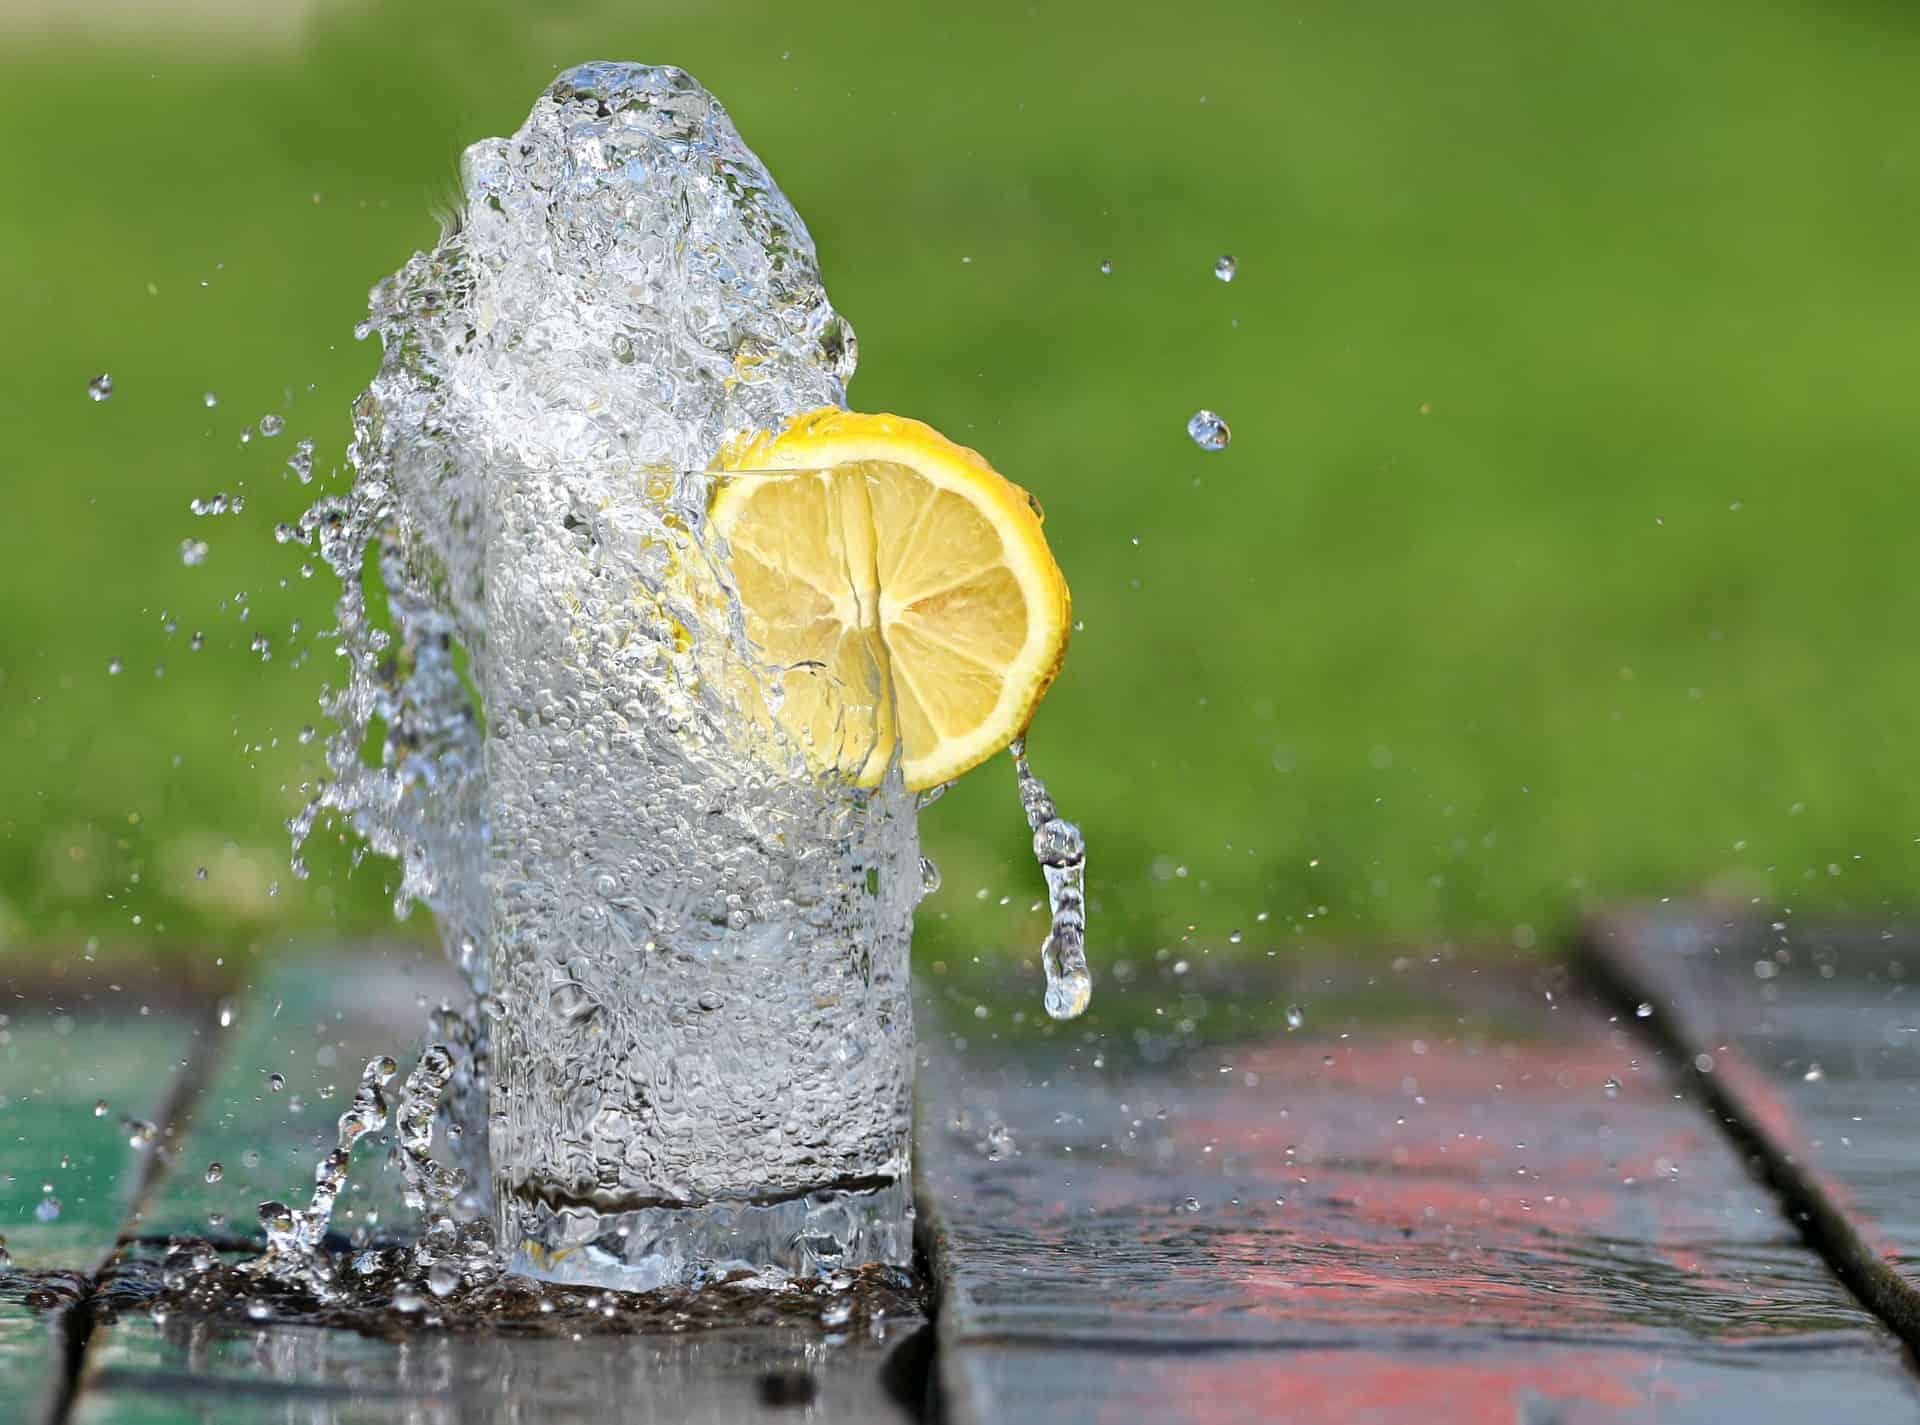 Bere è fondamentale: l'acqua giusta per donne, bambini e anziani